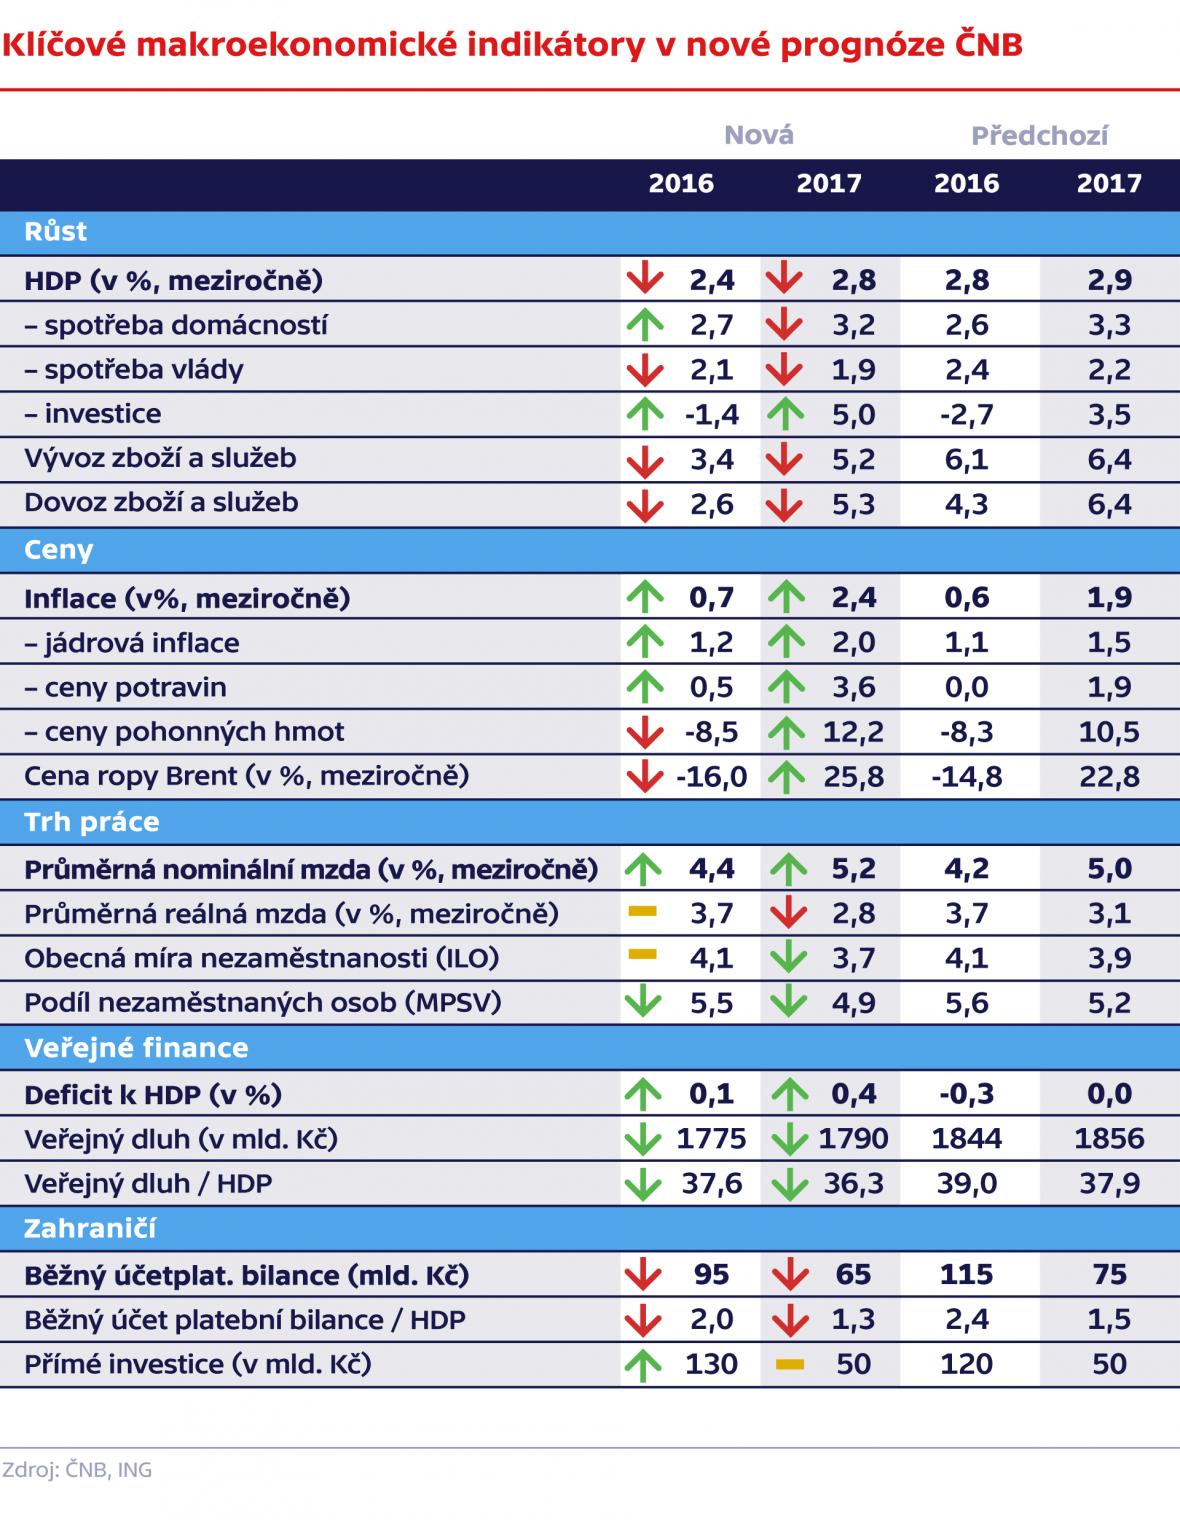 Klíčové makroekonomické indikátory v nové prognóze ČNB